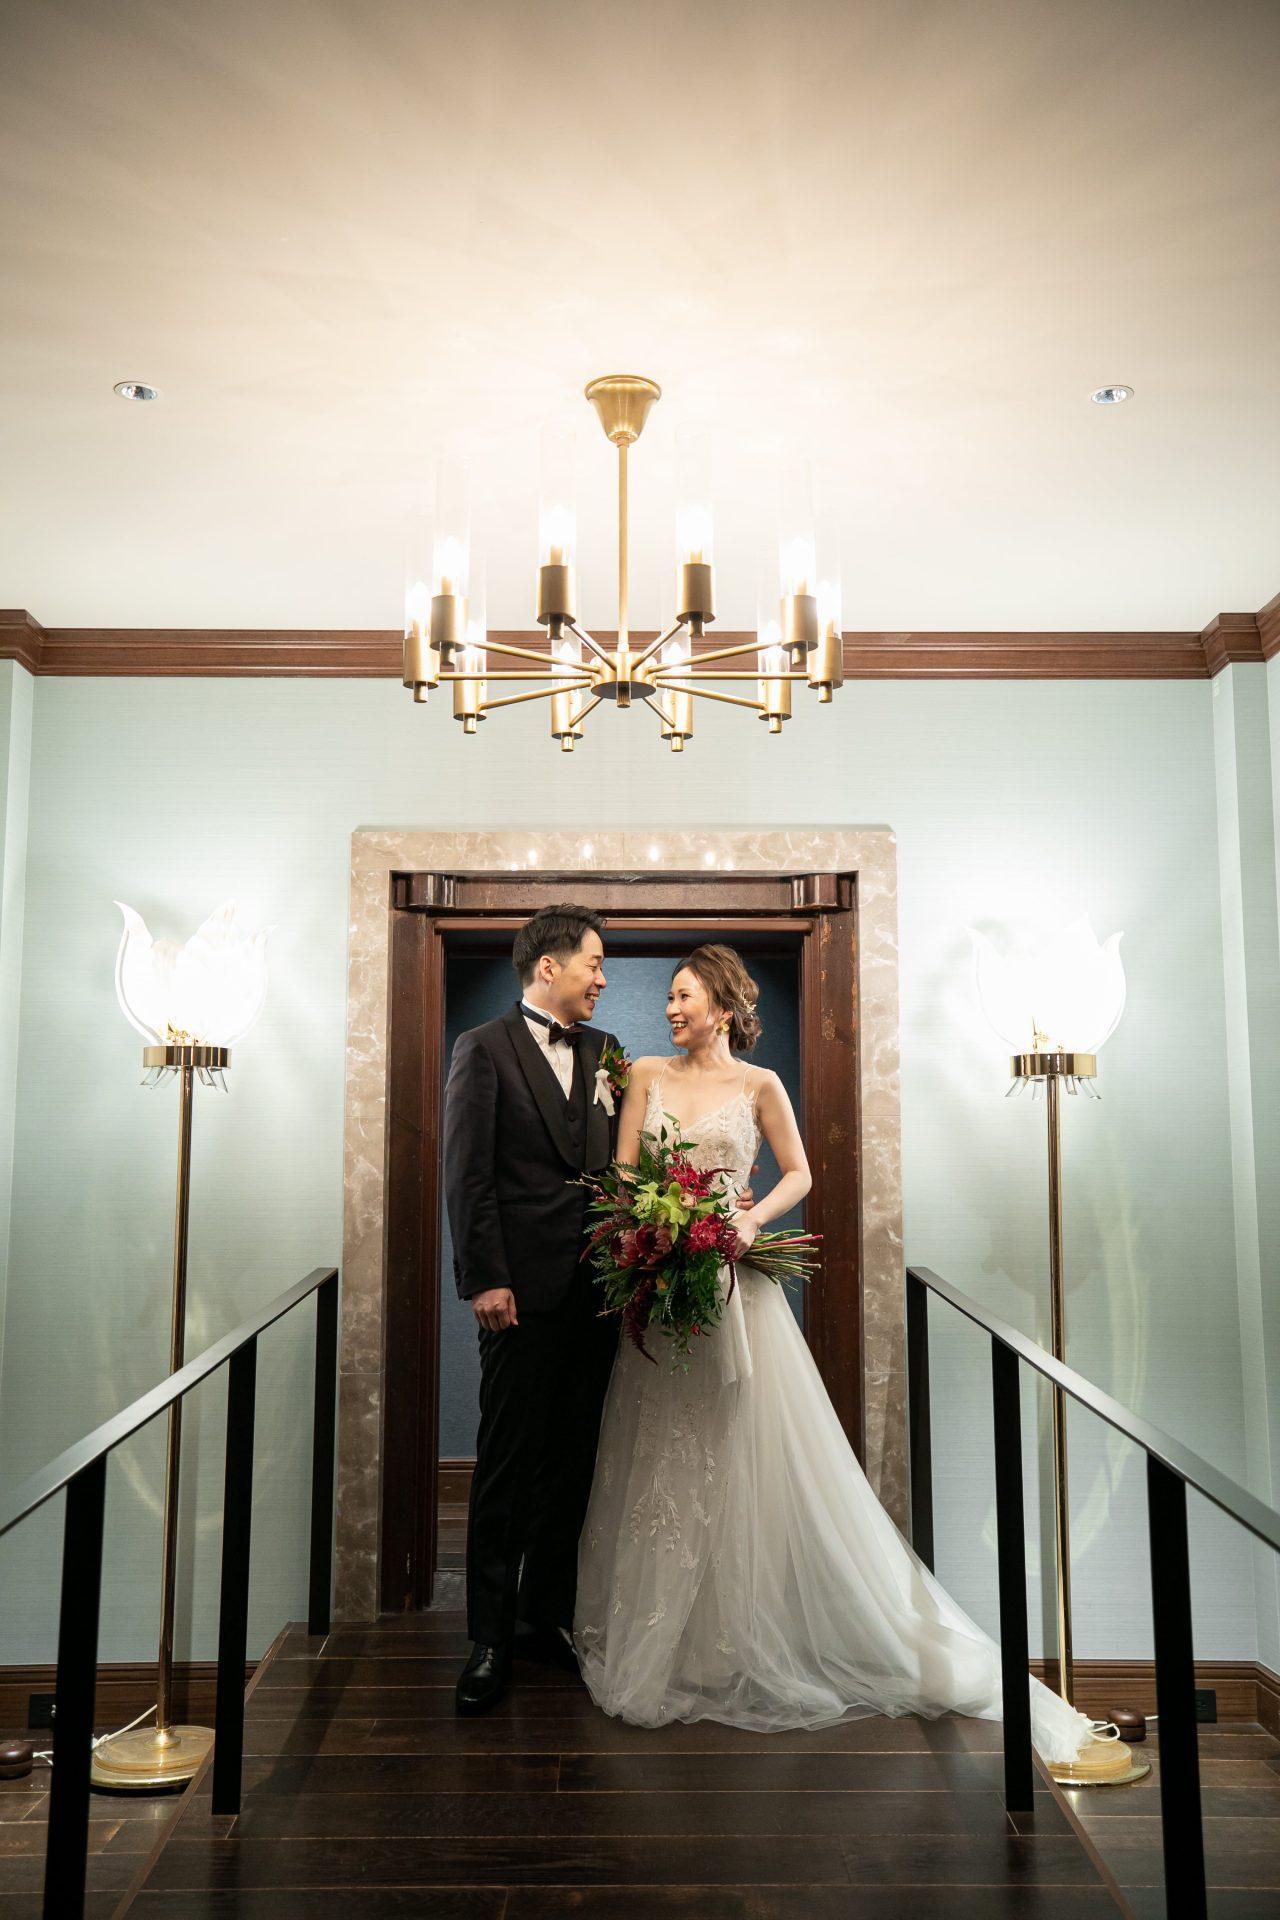 ザ・コンダーハウスでお式や前撮りをされるご新婦様におすすめのReem AcraのAラインのチュールのウェディングドレス